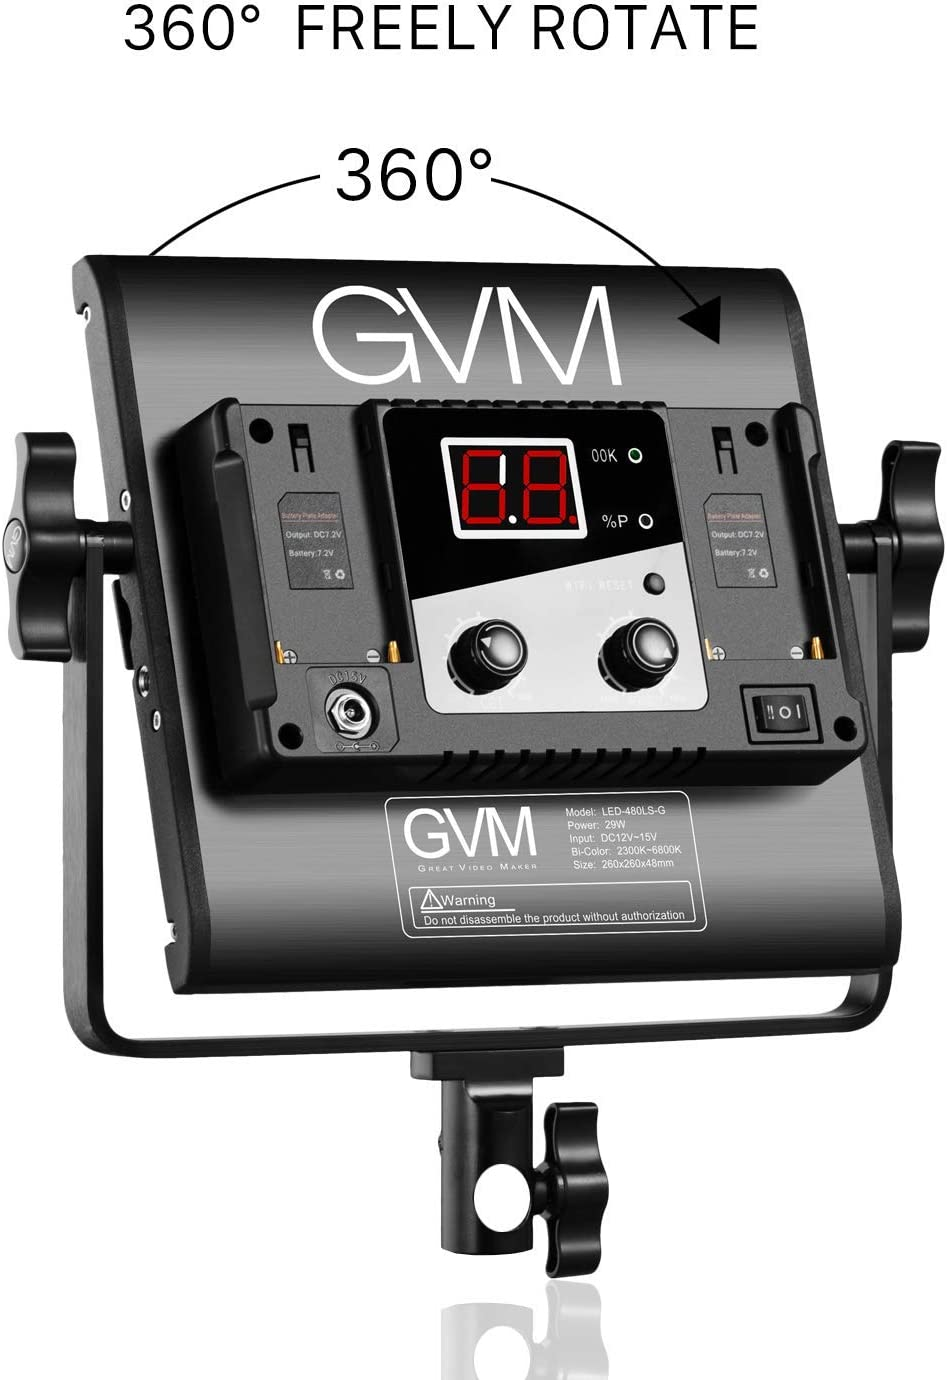 CR GVM 560 Lot de 3 lampes LED /à intensit/é variable Bicolore /Éclairage de photographie avec application Syst/ème de contr/ôle intelligent pour Studio YouTube Interview Outdoor Kit d/éclairage vid/éo 2300K-6800K